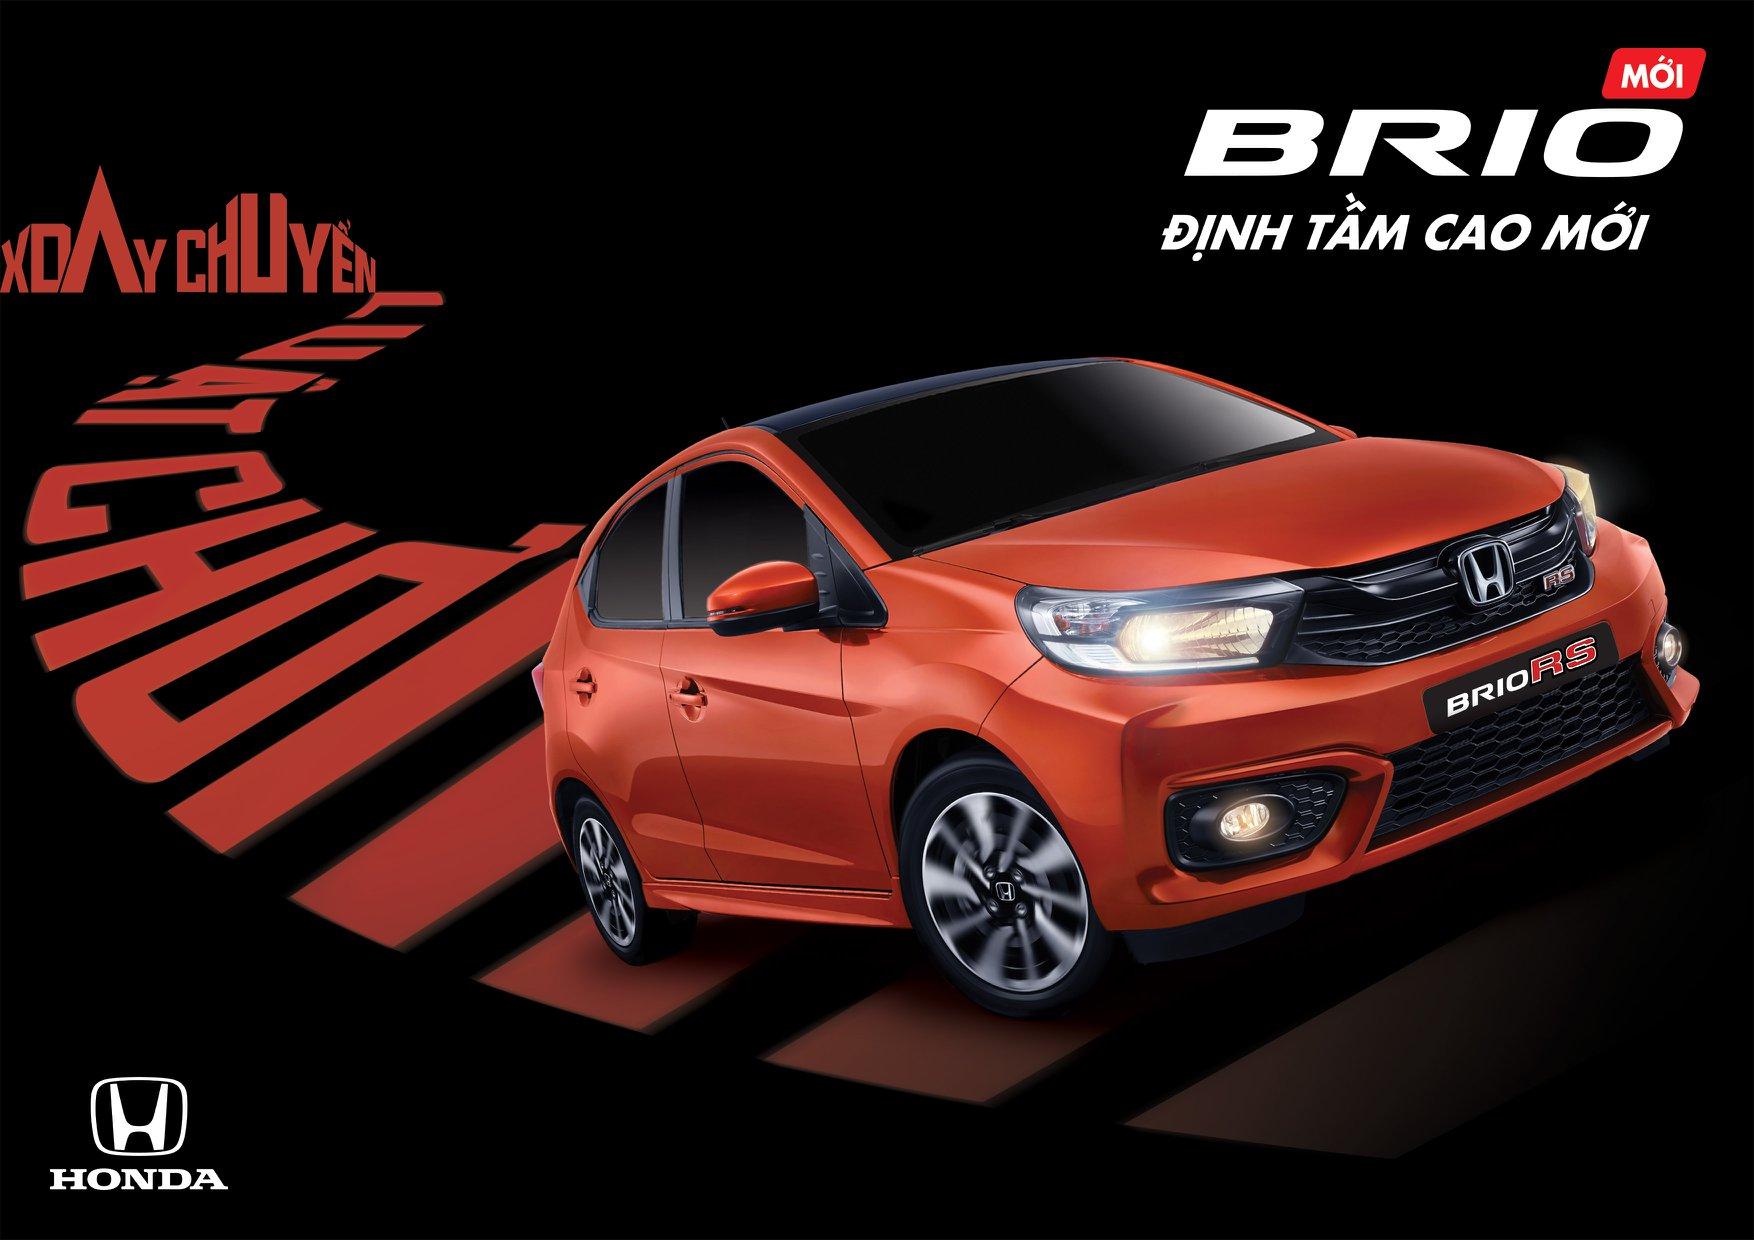 Honda Brio có mặt tại Nha Trang, Khánh Hòa